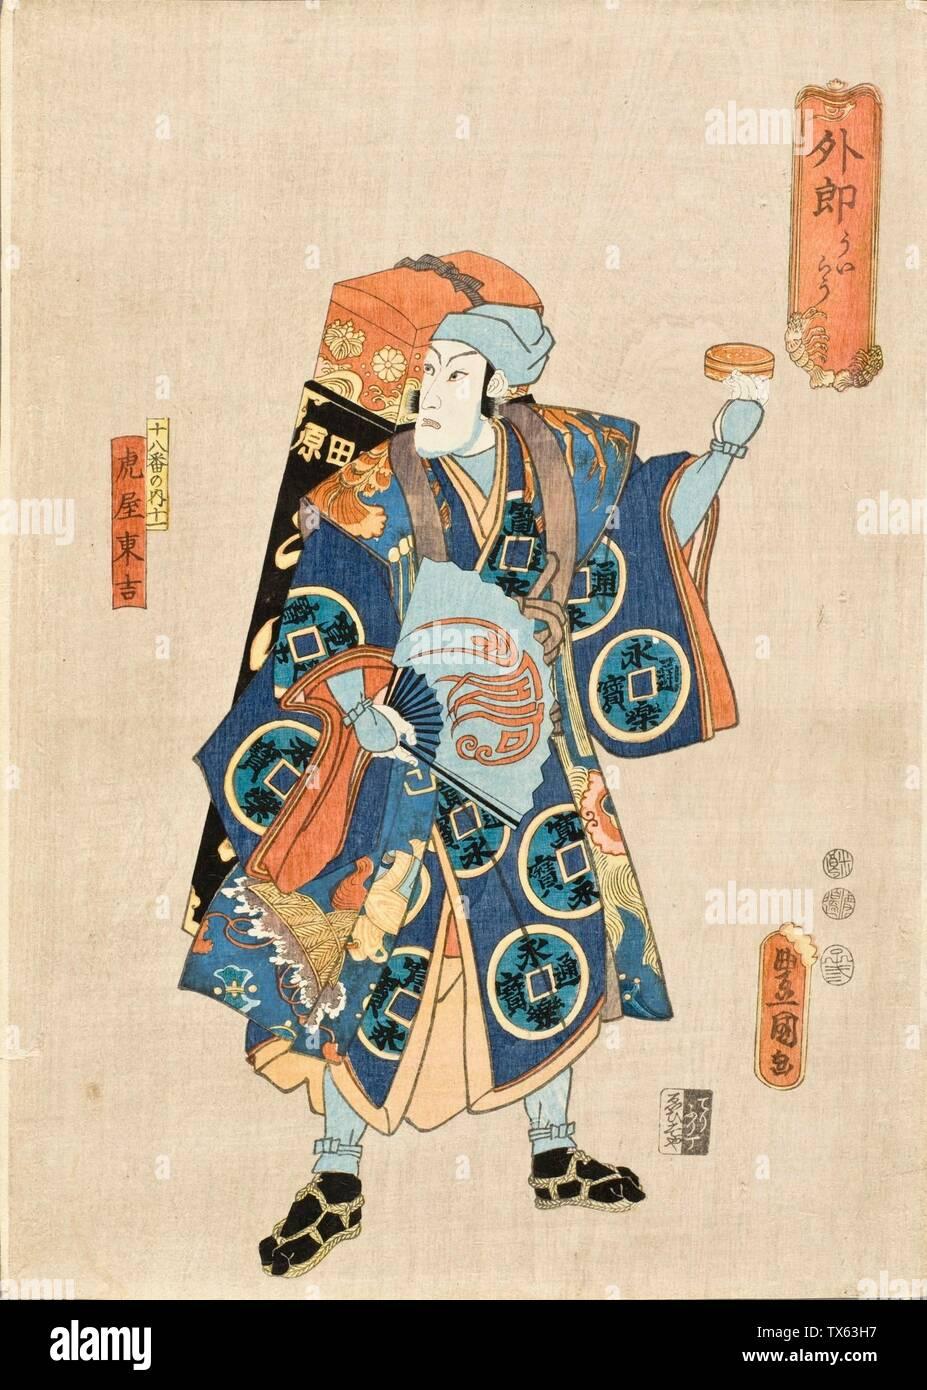 """""""Ichikawa attore come Toraya Tōkichi in 'Il fornitore slave""""; inglese: 1852 Serie: diciotto riproduzioni della Ichikawa stampe Clan; xilografie a colori stampa woodblock incorniciato: 20 1/4 x 16 x 3/4 in. (51.44 x 40,64 x 1,91 cm) dono di Arthur e di Fran Sherwood (M.2007.152.71) Arte giapponese; 1852data QS:P571,+1852-00-00T00:00:00Z/9; ' Immagini Stock"""